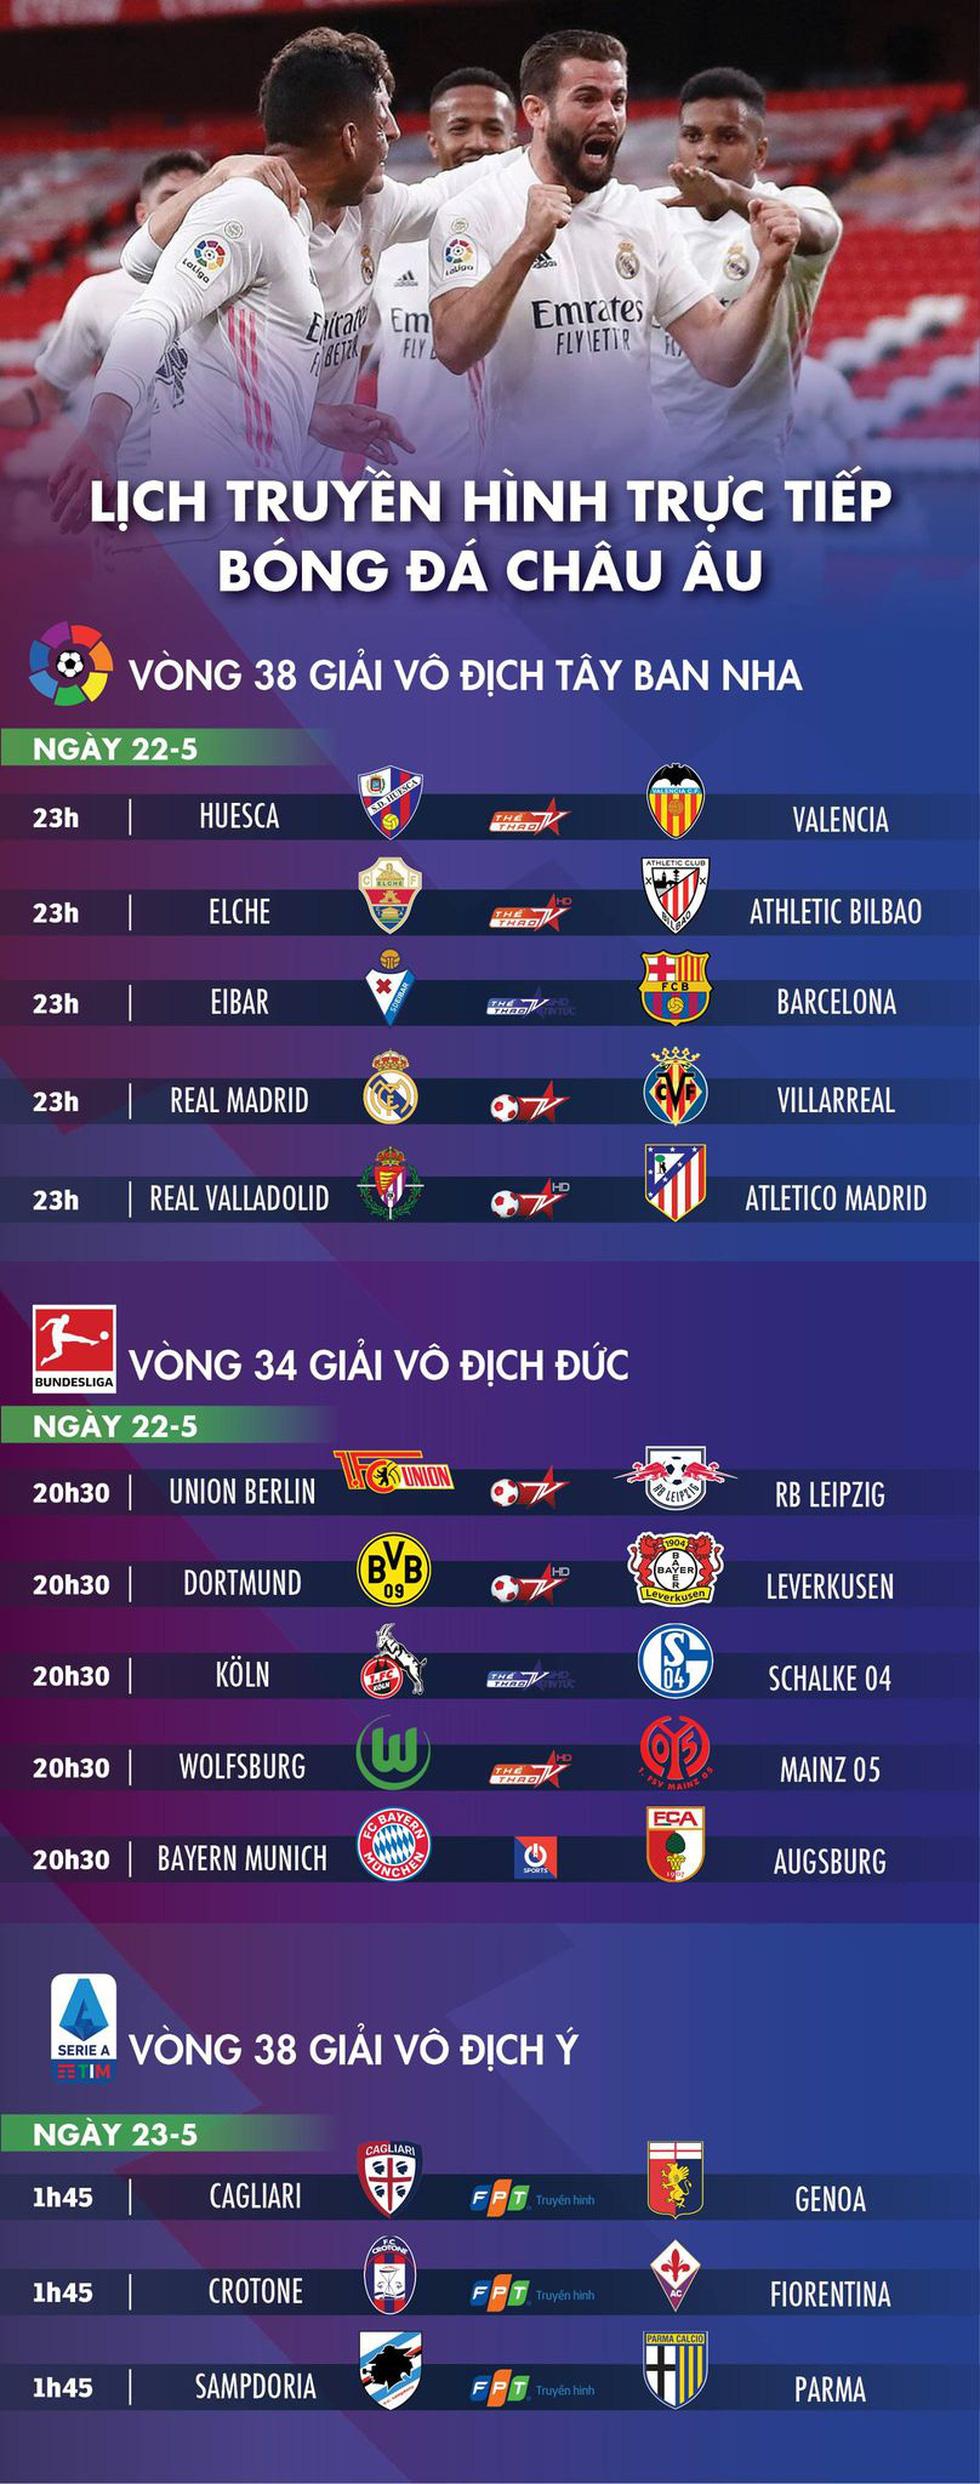 Lịch trực tiếp bóng đá châu Âu 22-5: Chung kết ở La Liga - Ảnh 1.